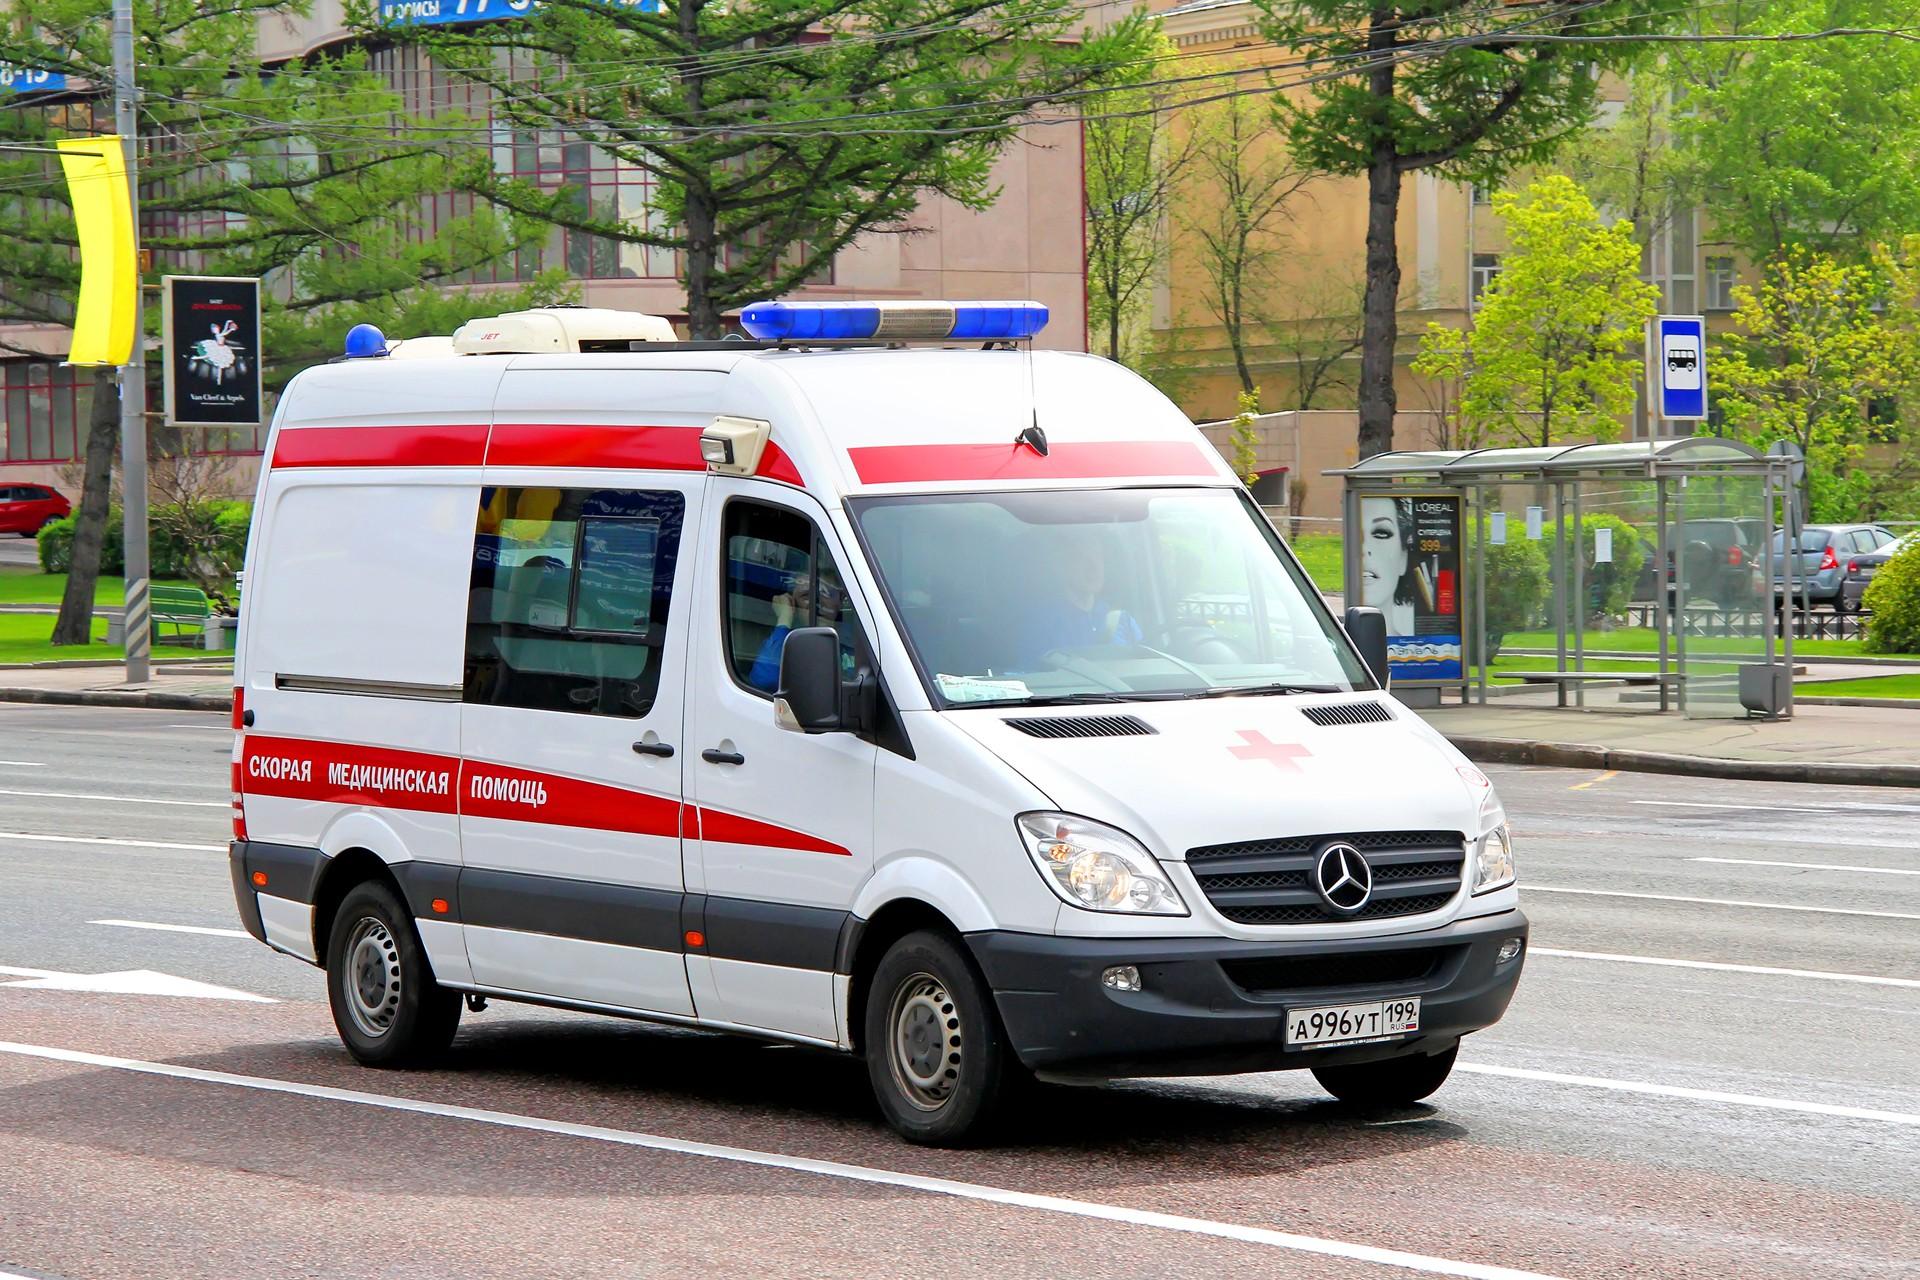 Следователи начали проверку: мужчина угрожал ножом сотрудникам «скорой»